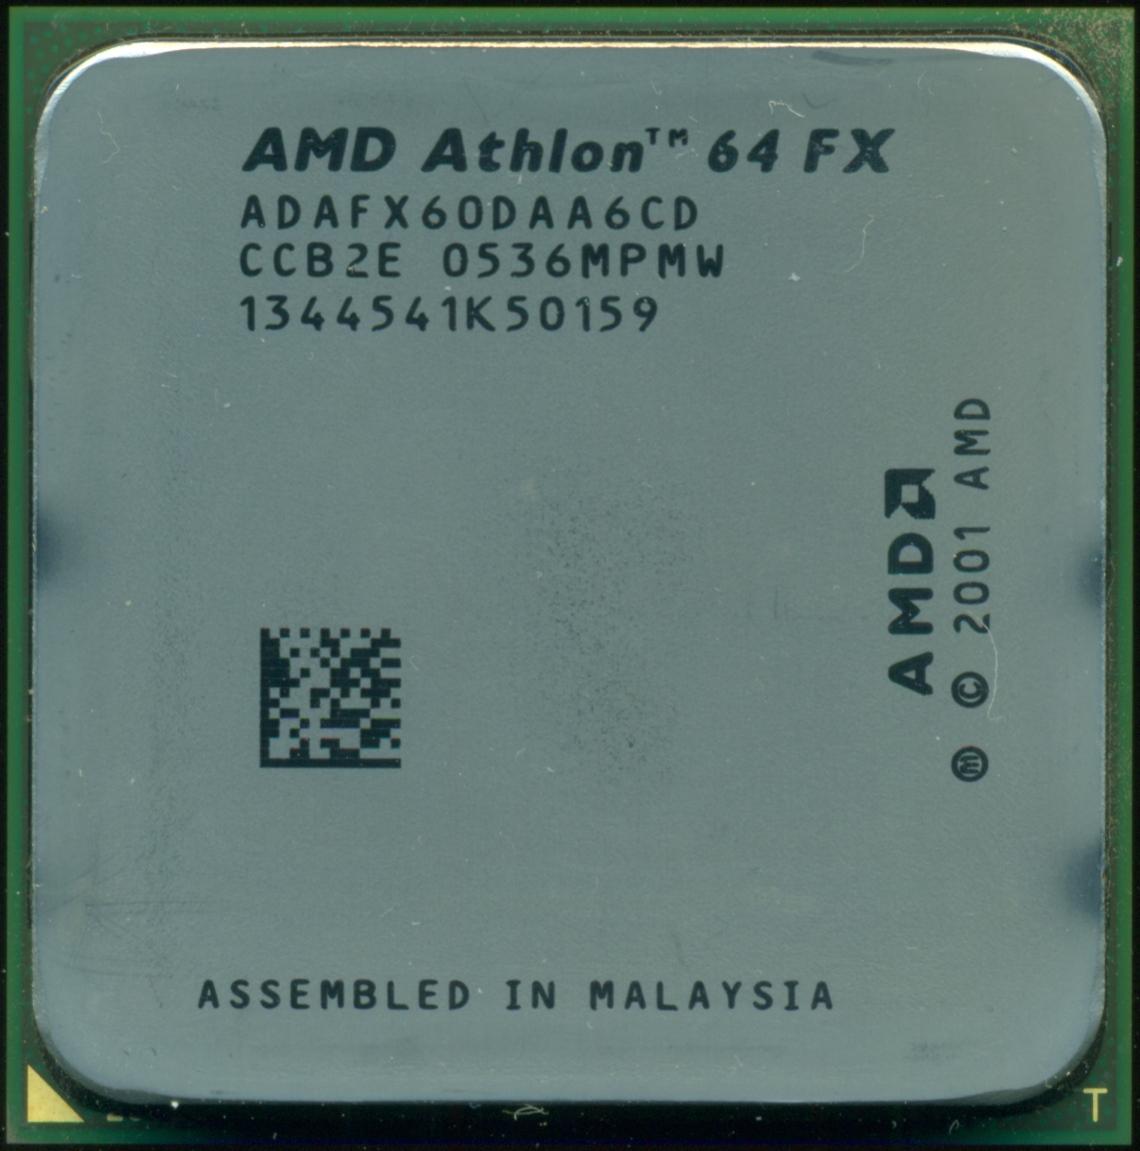 ADAFX60DAA6CD.jpg